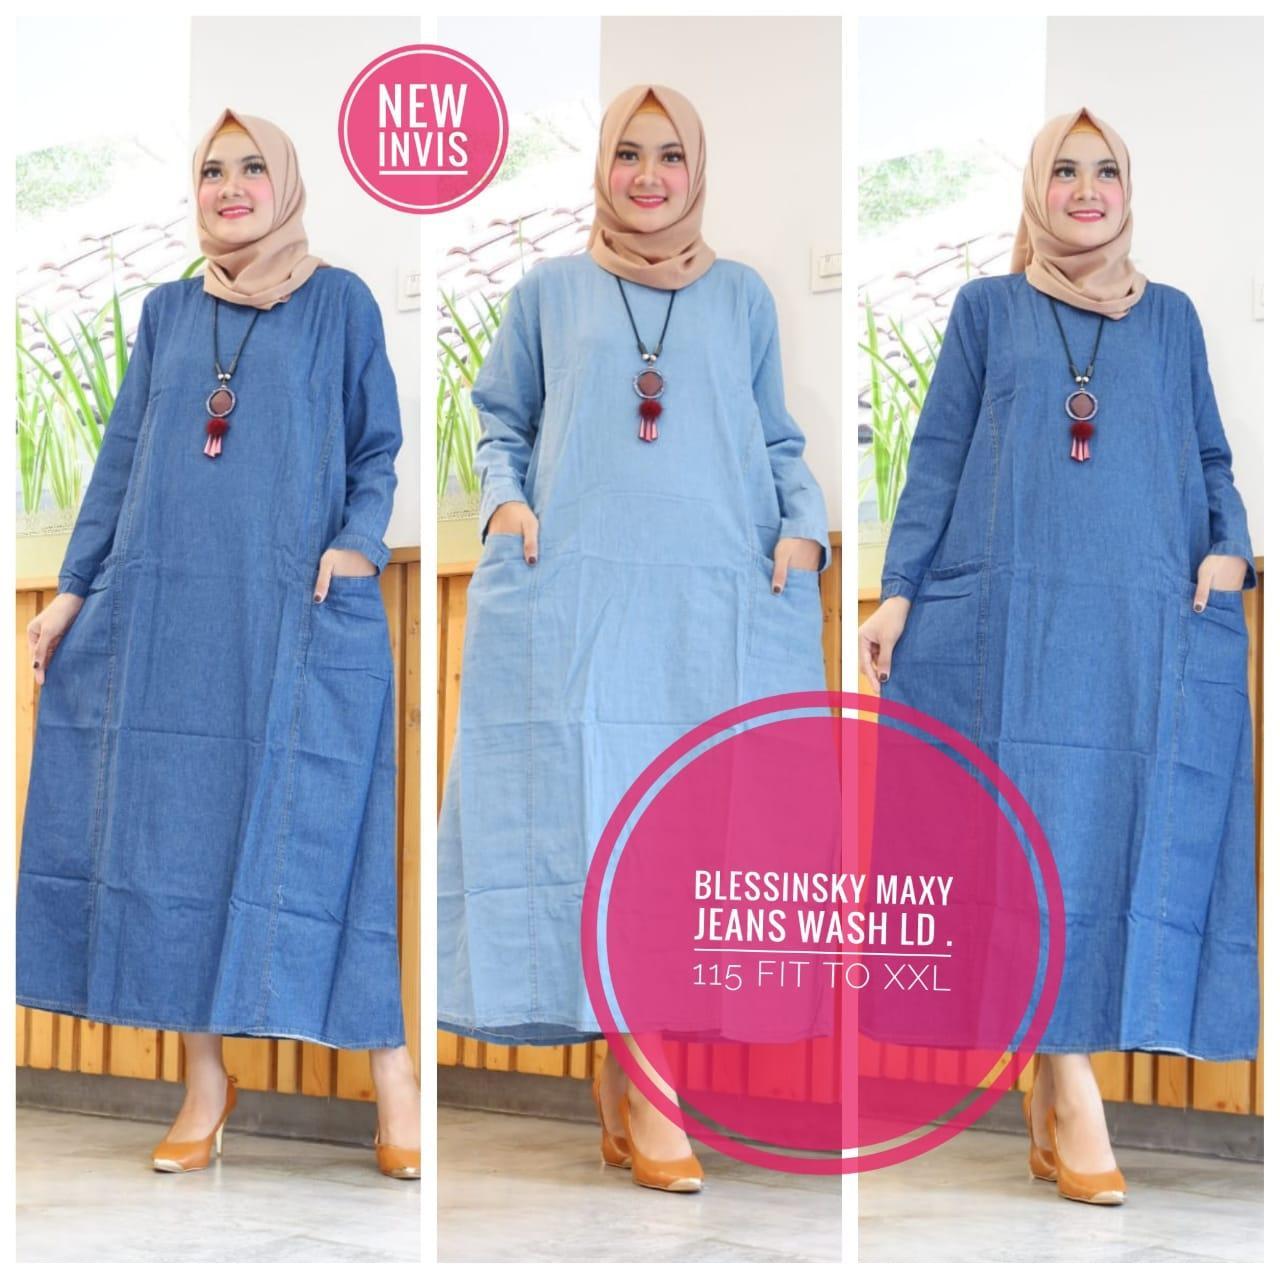 Baju Muslim Blessinsky - Gamis Jeans - Maxy Dress - Gamis Model Terbaru - Baju Muslim Berkualitas